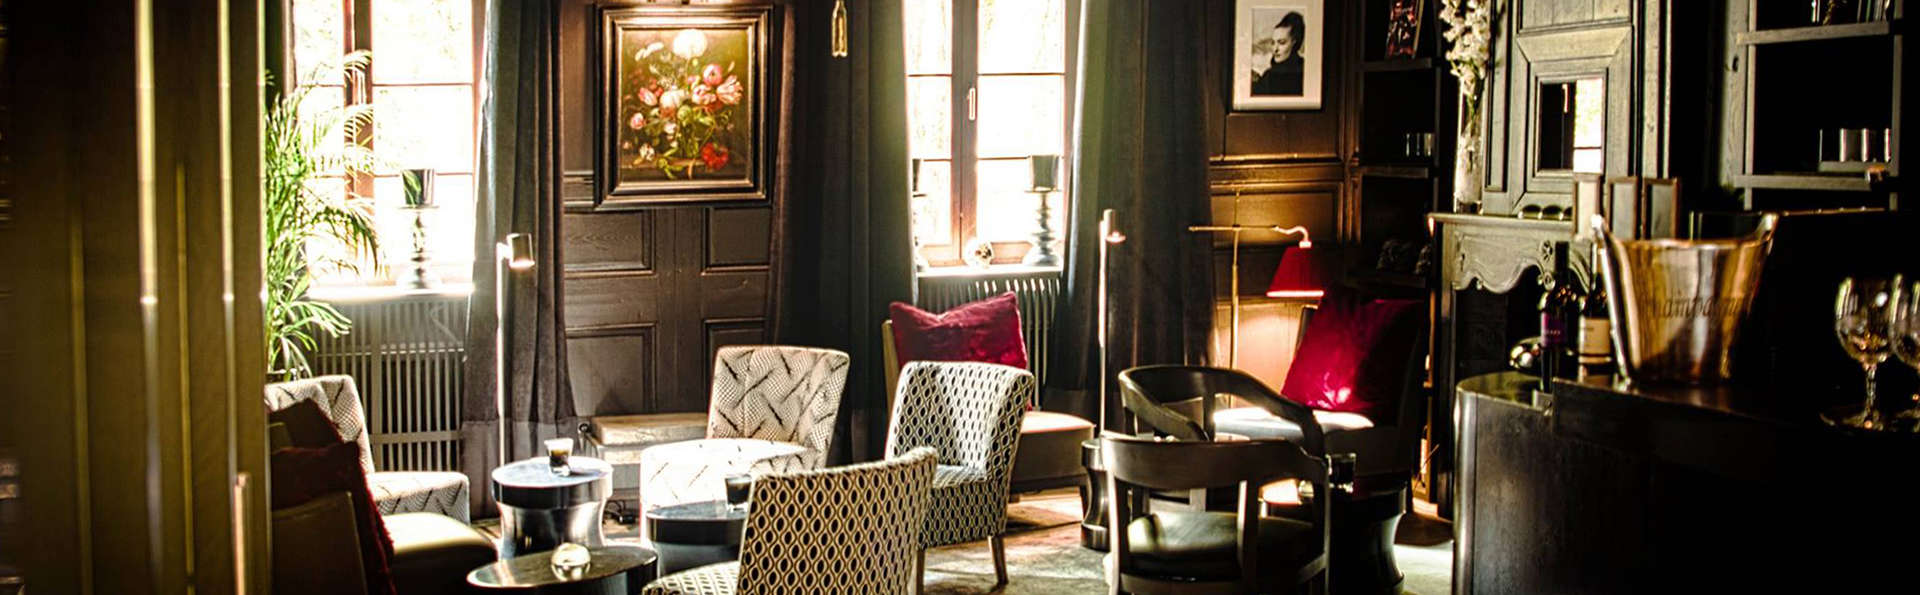 Hôtel Le Chatelet - EDIT_chillout_zone.jpg